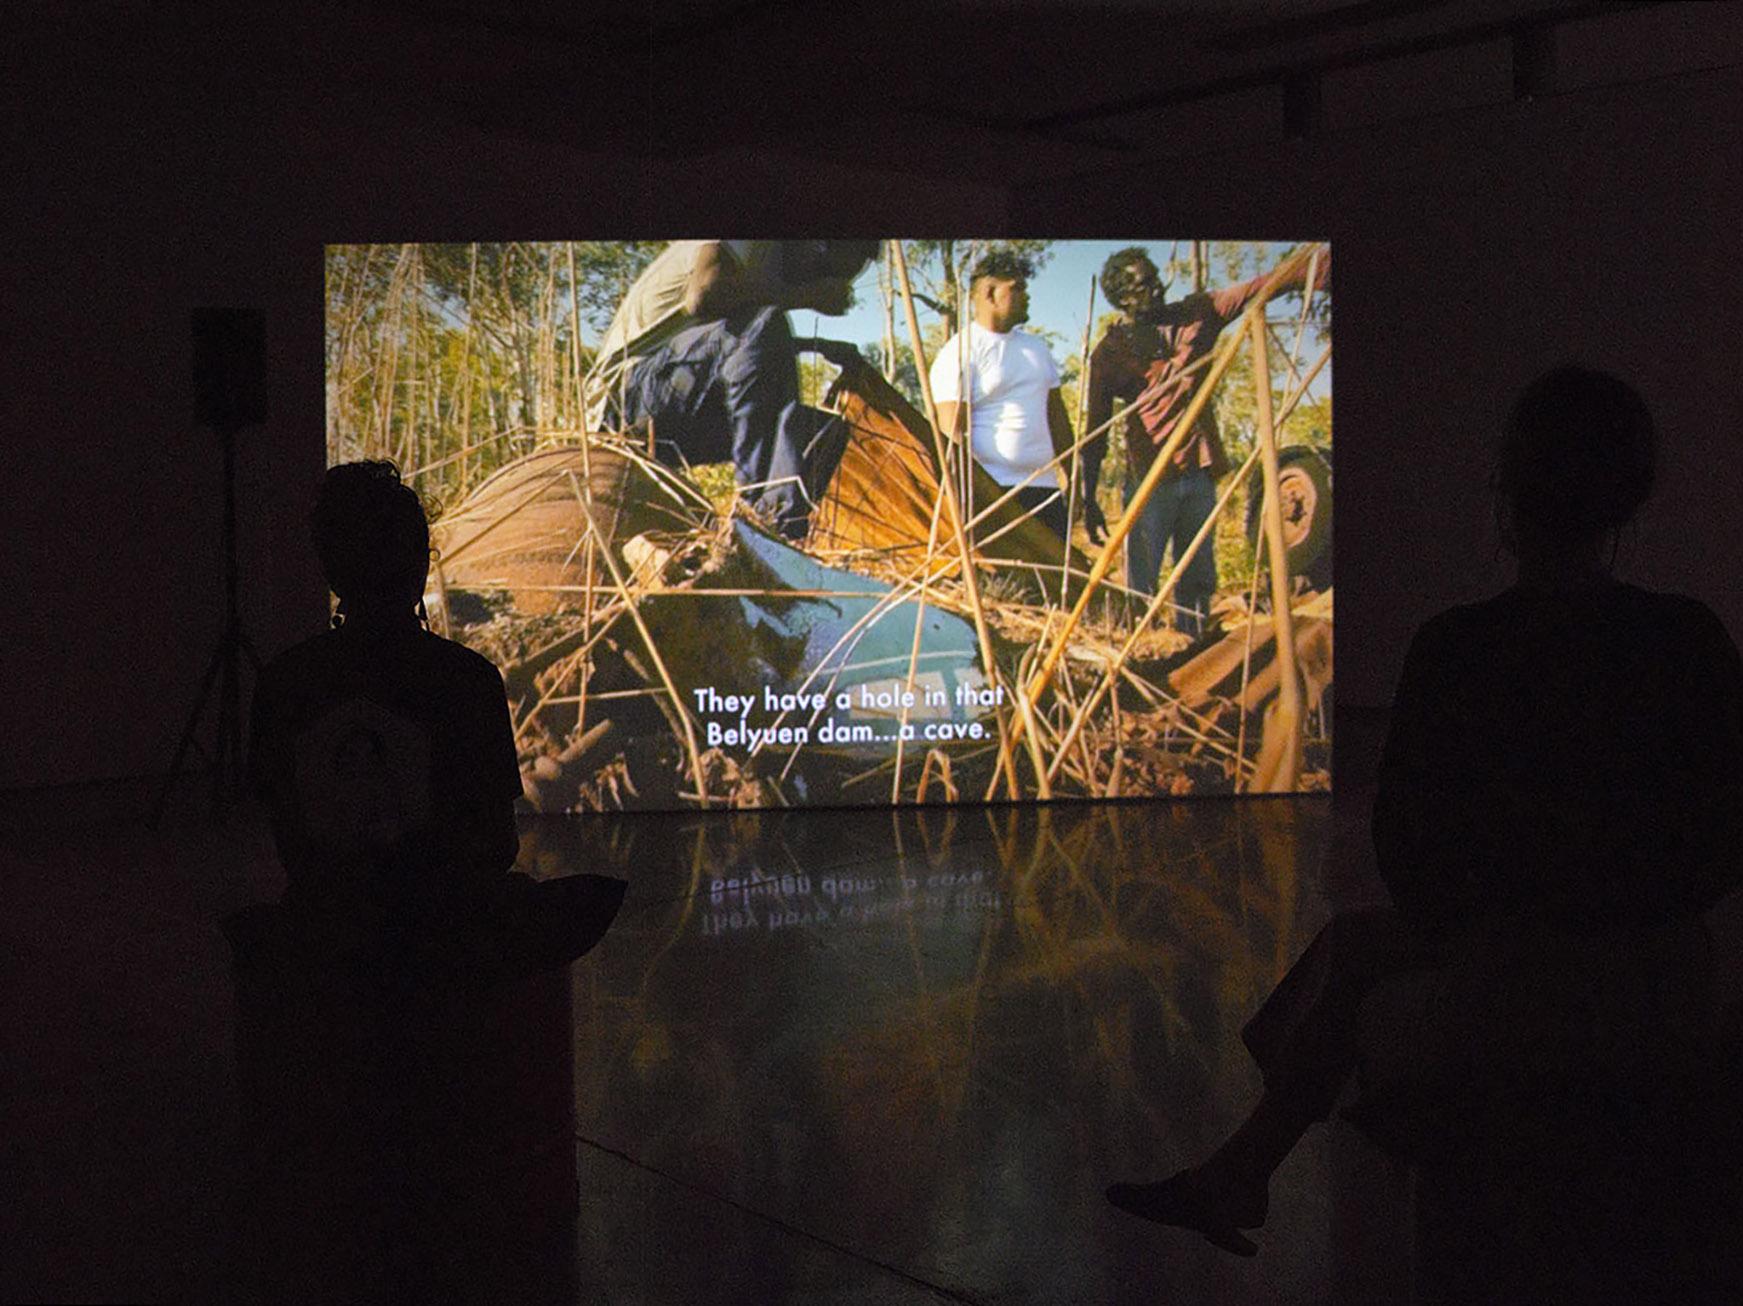 Karrabing Film Collective_The Mermiads Mirror Worlds_4_Photo_Carl Warner